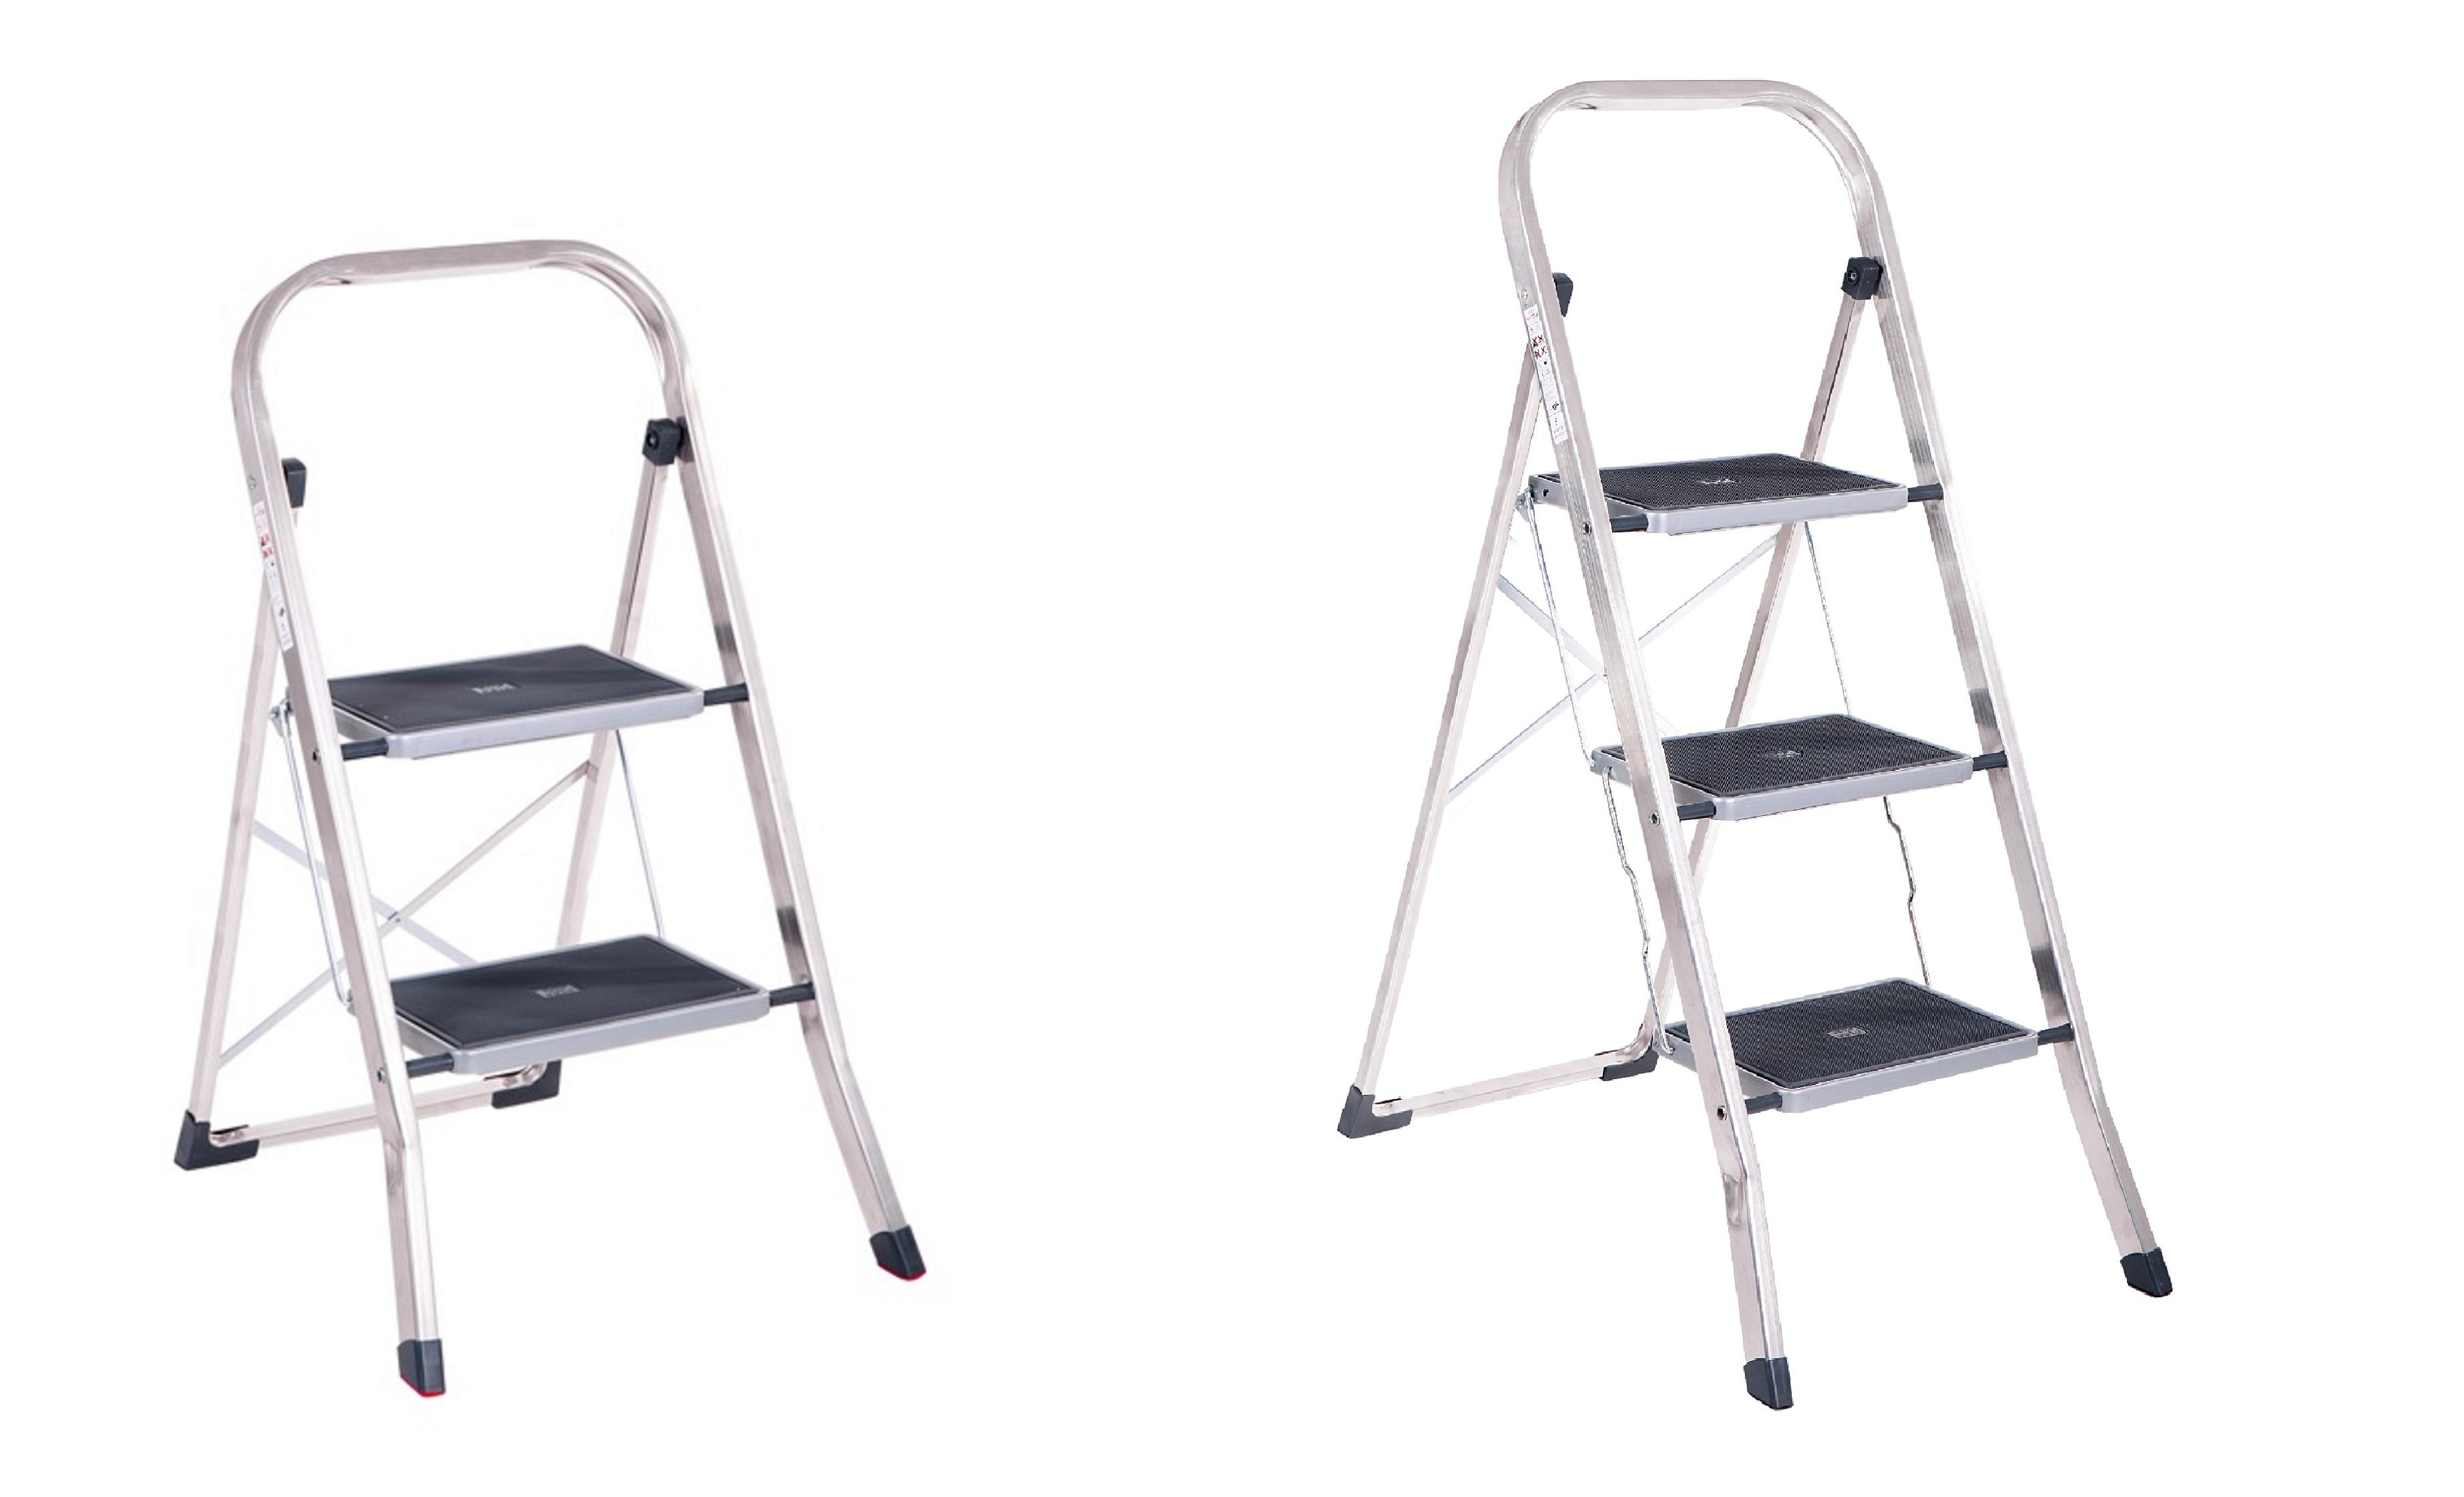 alu klapp trittleiter mit 3 stufen 150kg belastbarkeit haushaltshelfer k che haushalt. Black Bedroom Furniture Sets. Home Design Ideas